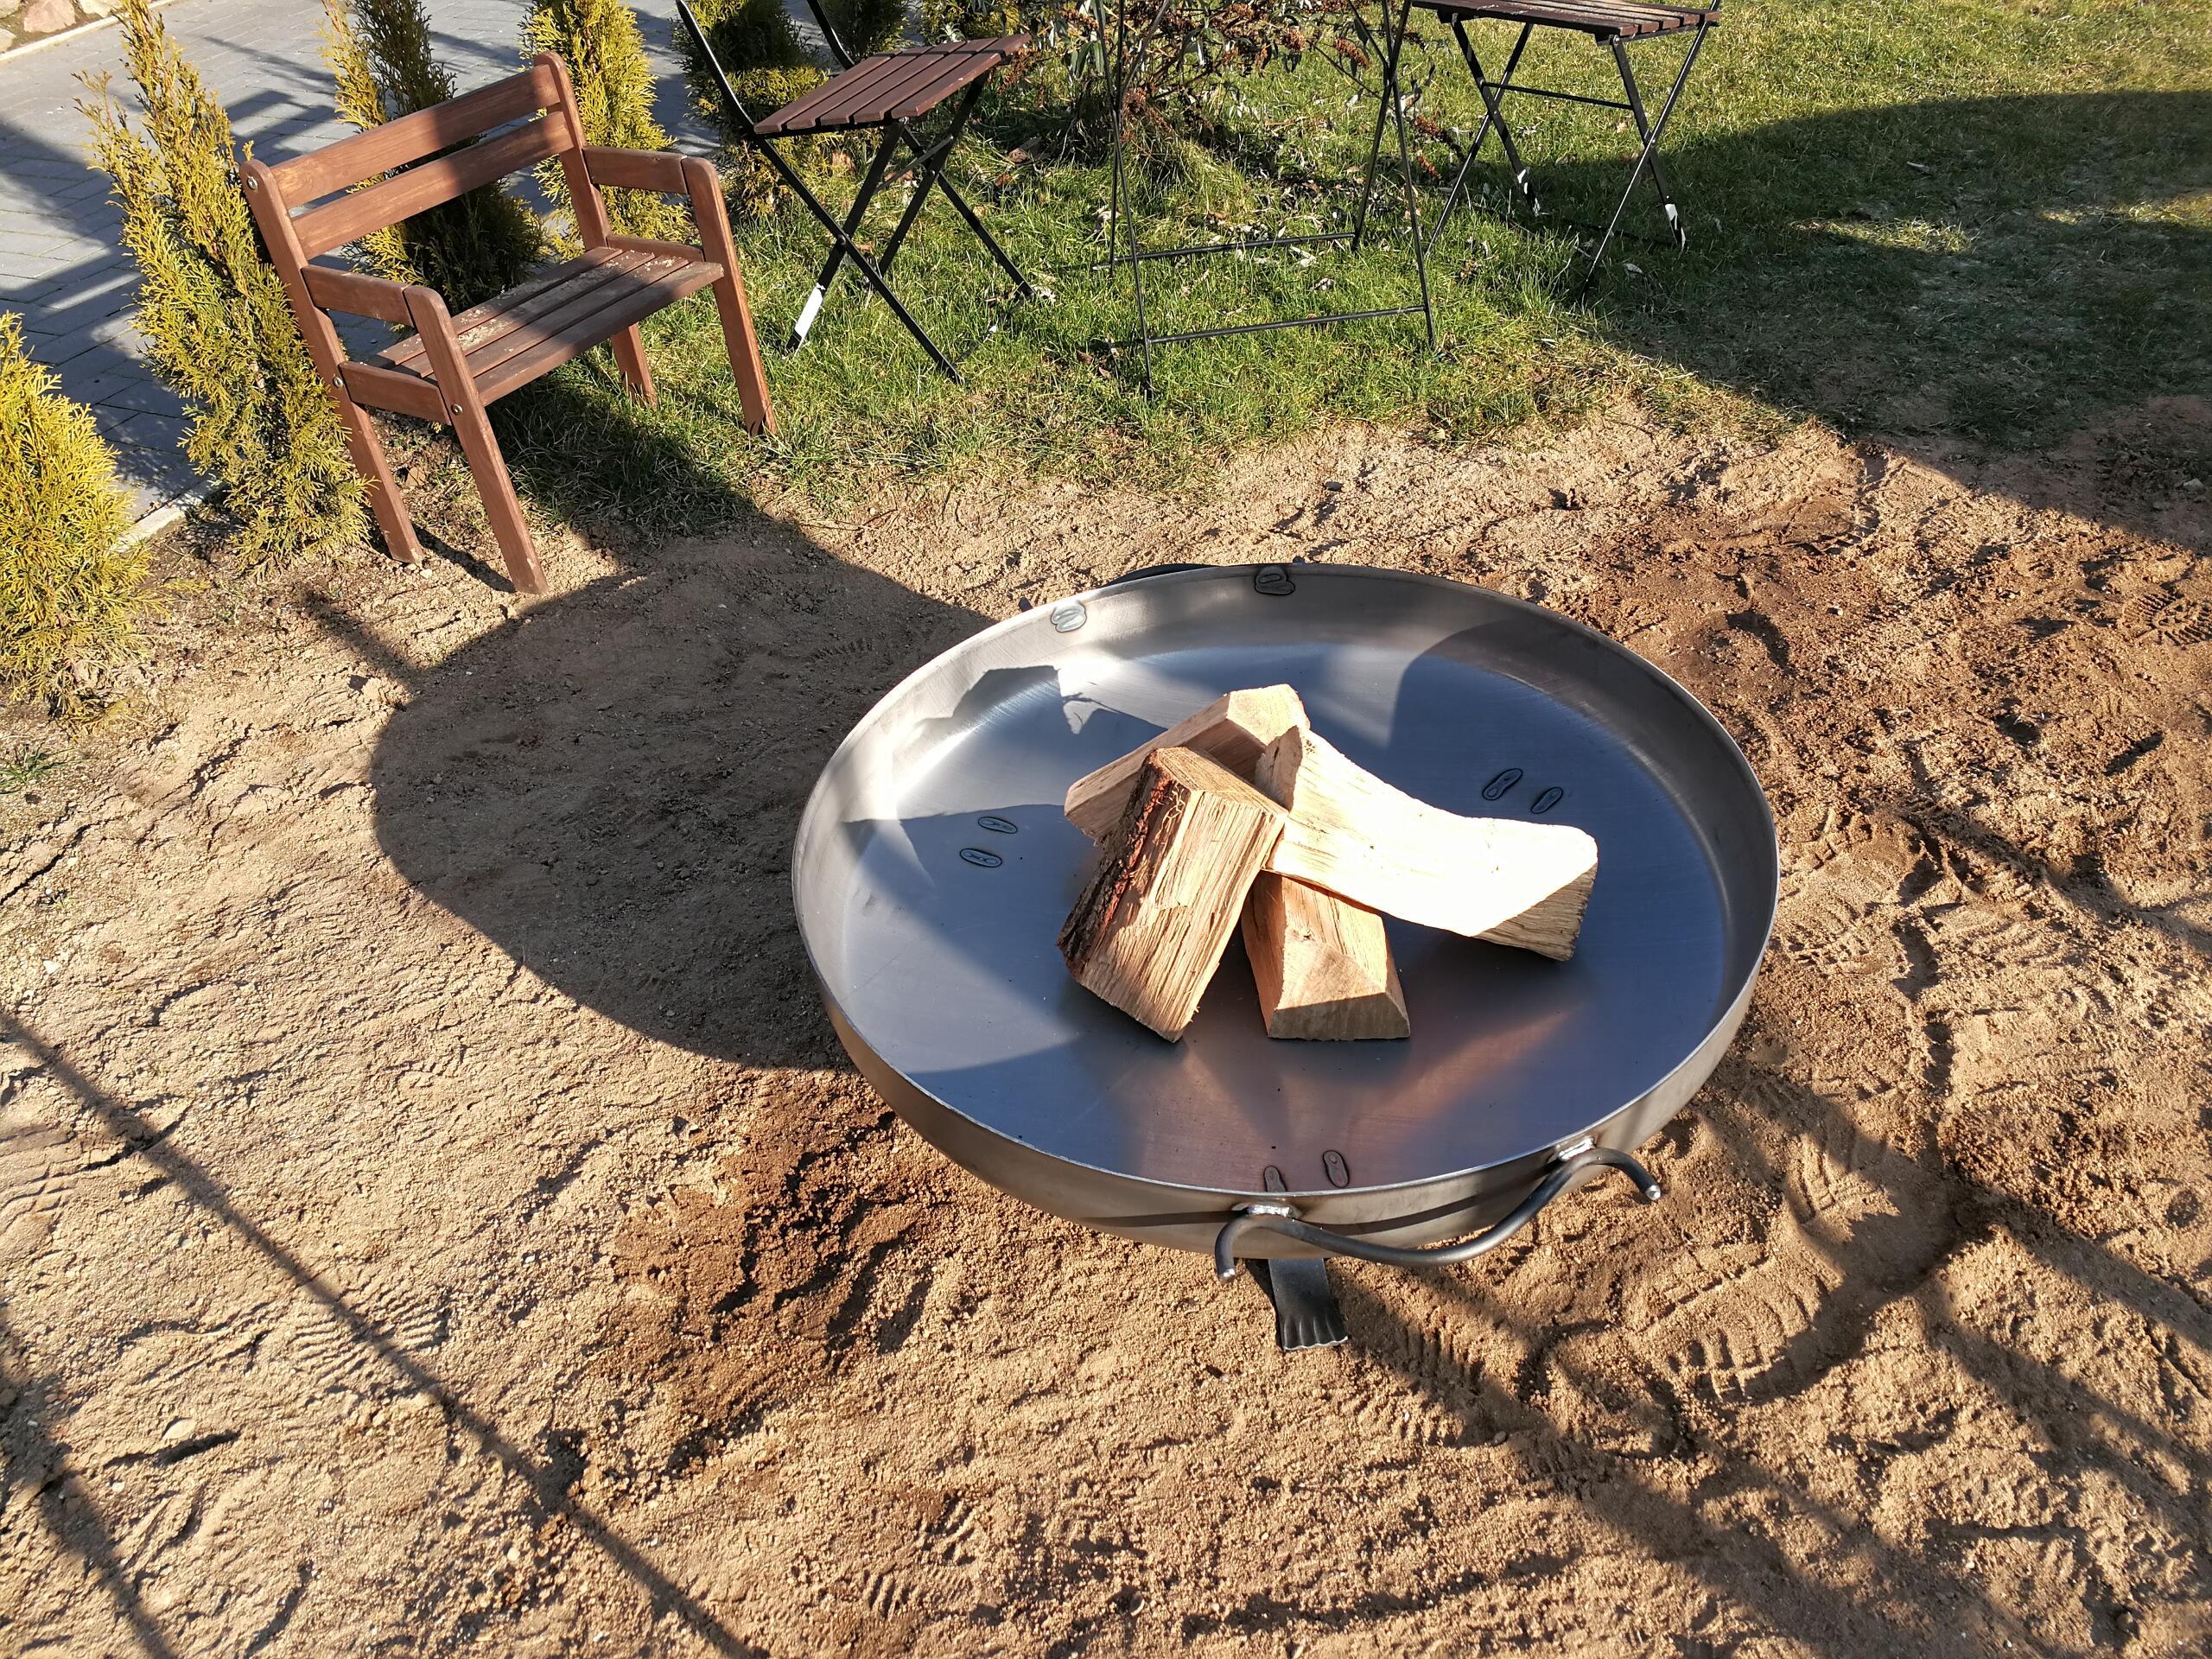 feuerschale fsl outdoor kochen l beck. Black Bedroom Furniture Sets. Home Design Ideas